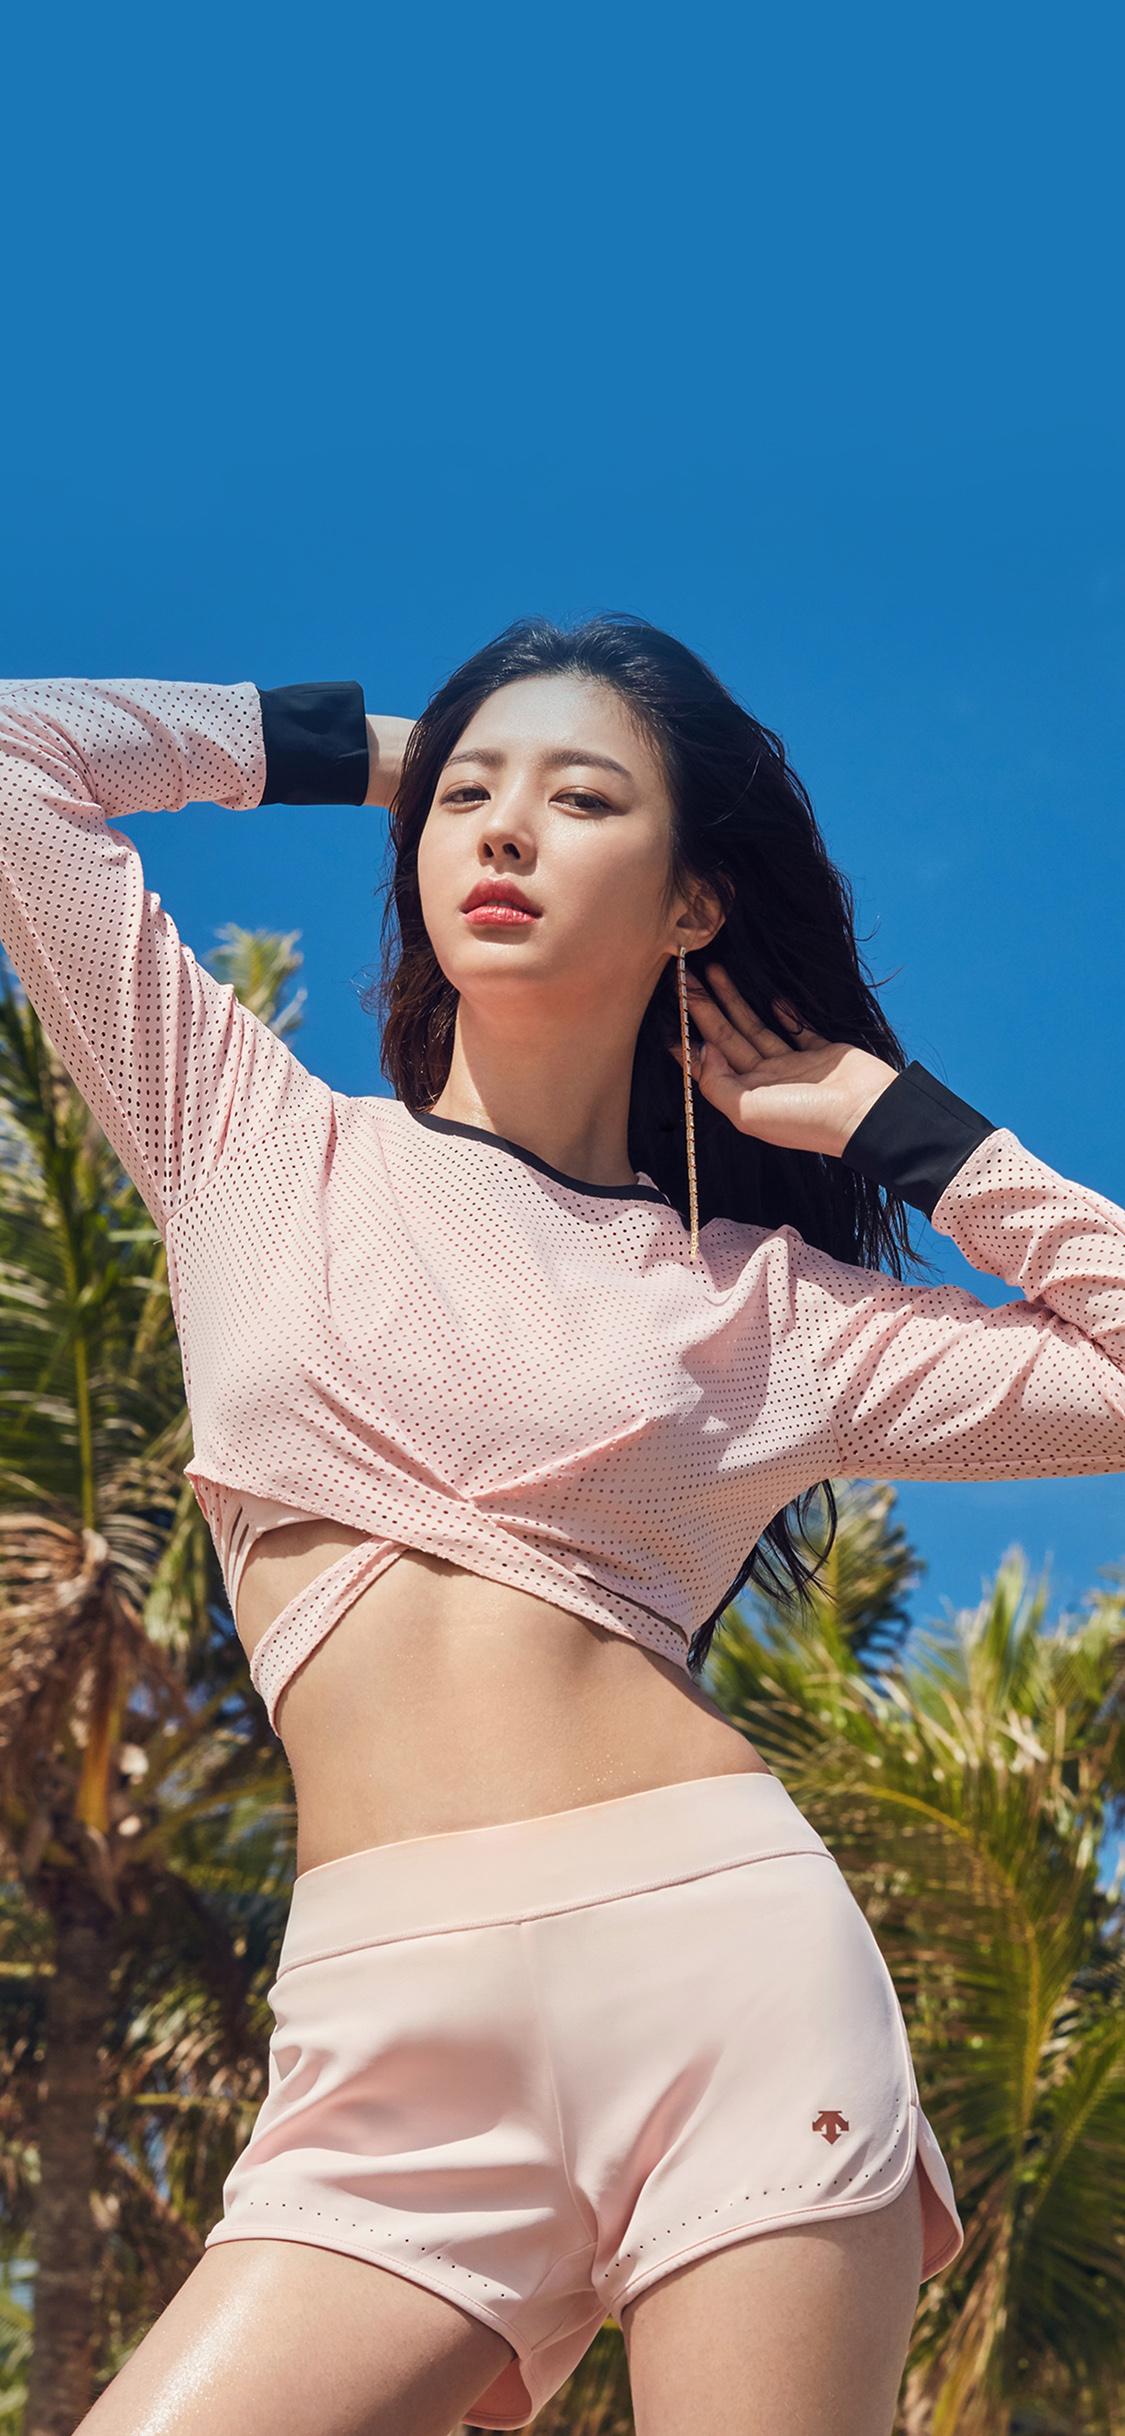 Hn00 Asian Kpop Girl Summer Tree Beach